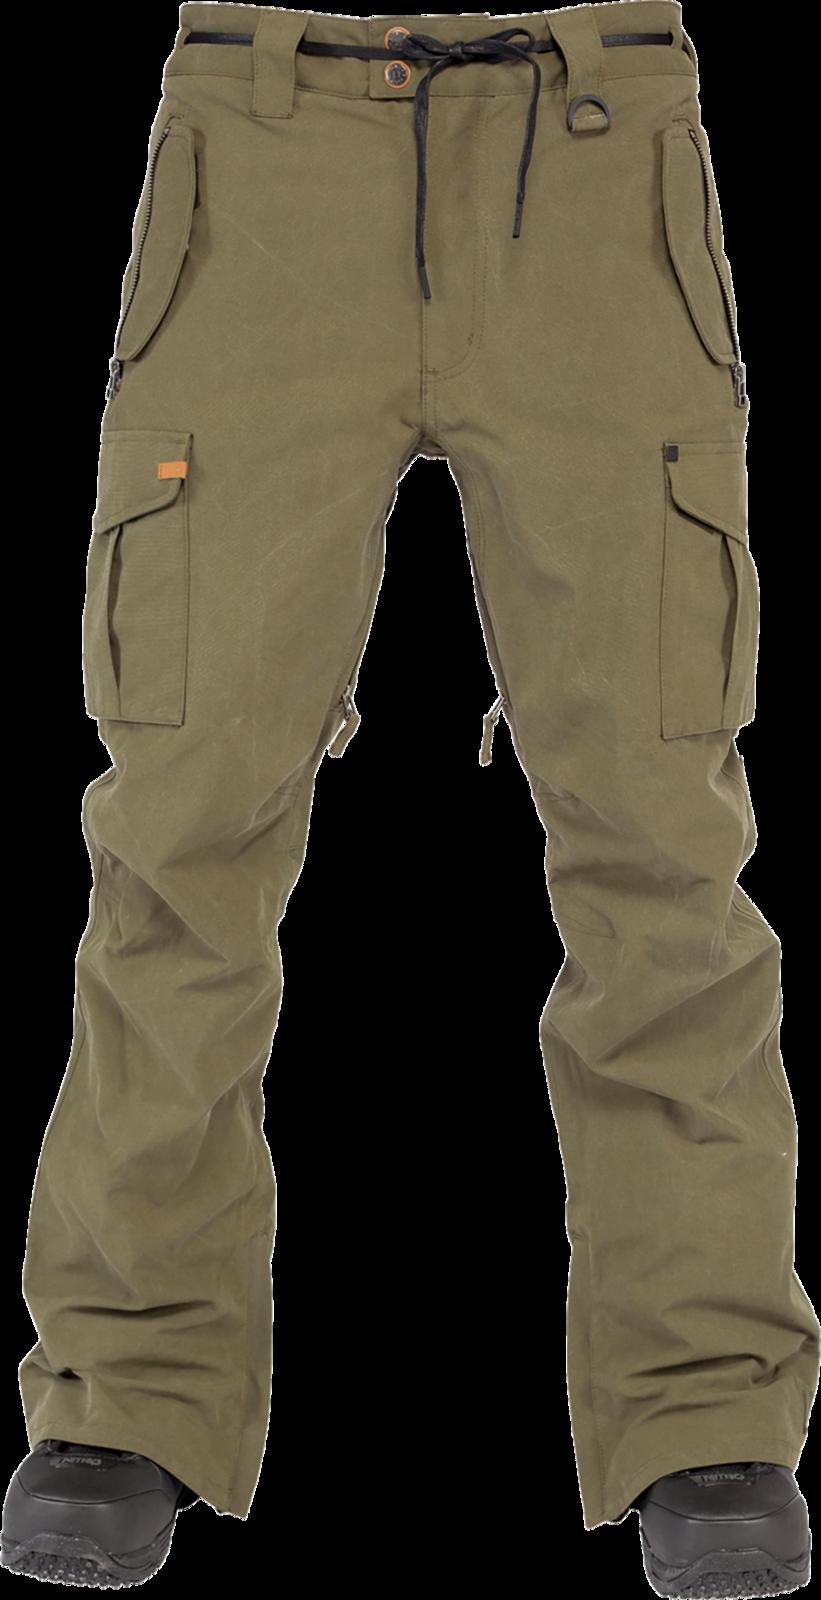 Jeans clipart boy pants. Cargo pant png transparent